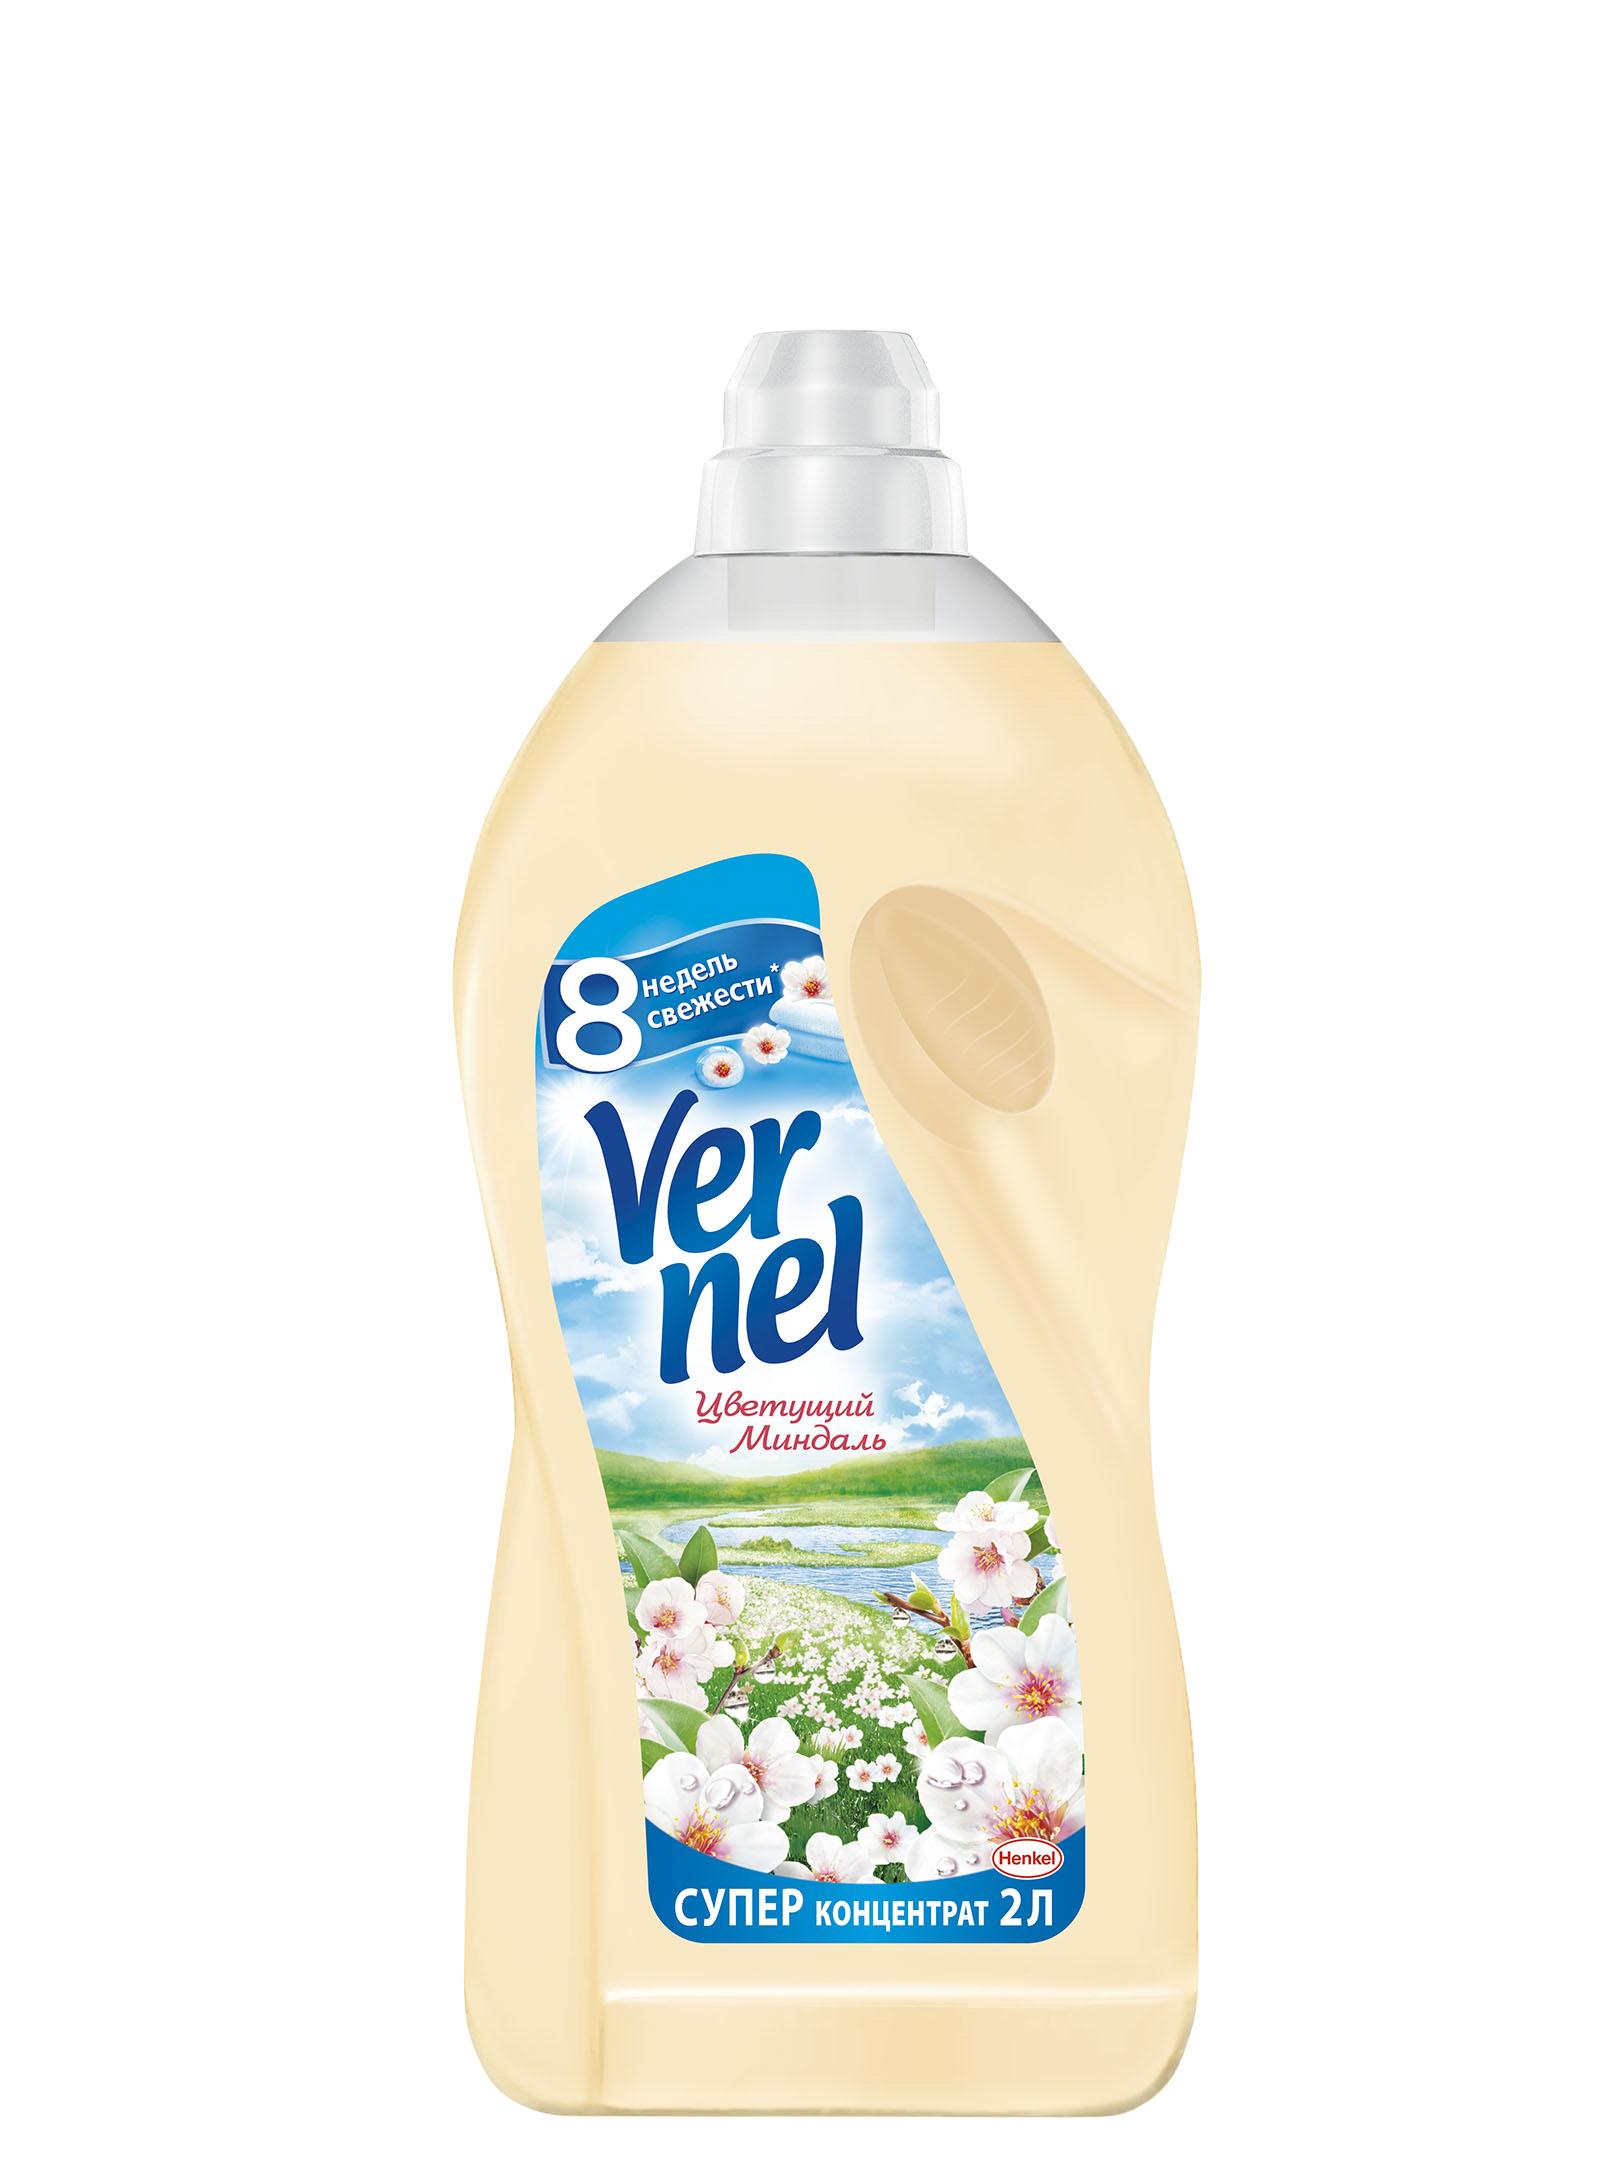 Кондиционер для белья Vernel Цветущий миндаль, концентрат, 2 л934812Кондиционер для белья Vernel Цветущий Миндаль, супер концентрат. Подходит для всех видов тканей. Не требует предварительного разбавления водой. 2л концентрата = 6л обычного кондиционера. Придает мягкость, обладает антистатическим эффектом, придает приятный аромат. Хорошая переносимость кожей подтверждена дерматологическими тестами. Применение: добавьте в воду во время последнего полоскания. Не желателен прямой контакт неразведенного кондиционера с бельем. Для наилучшего результата не полощите белье после использования кондиционера. Состав: 5-15% катионные ПАВ, Товар сертифицирован.